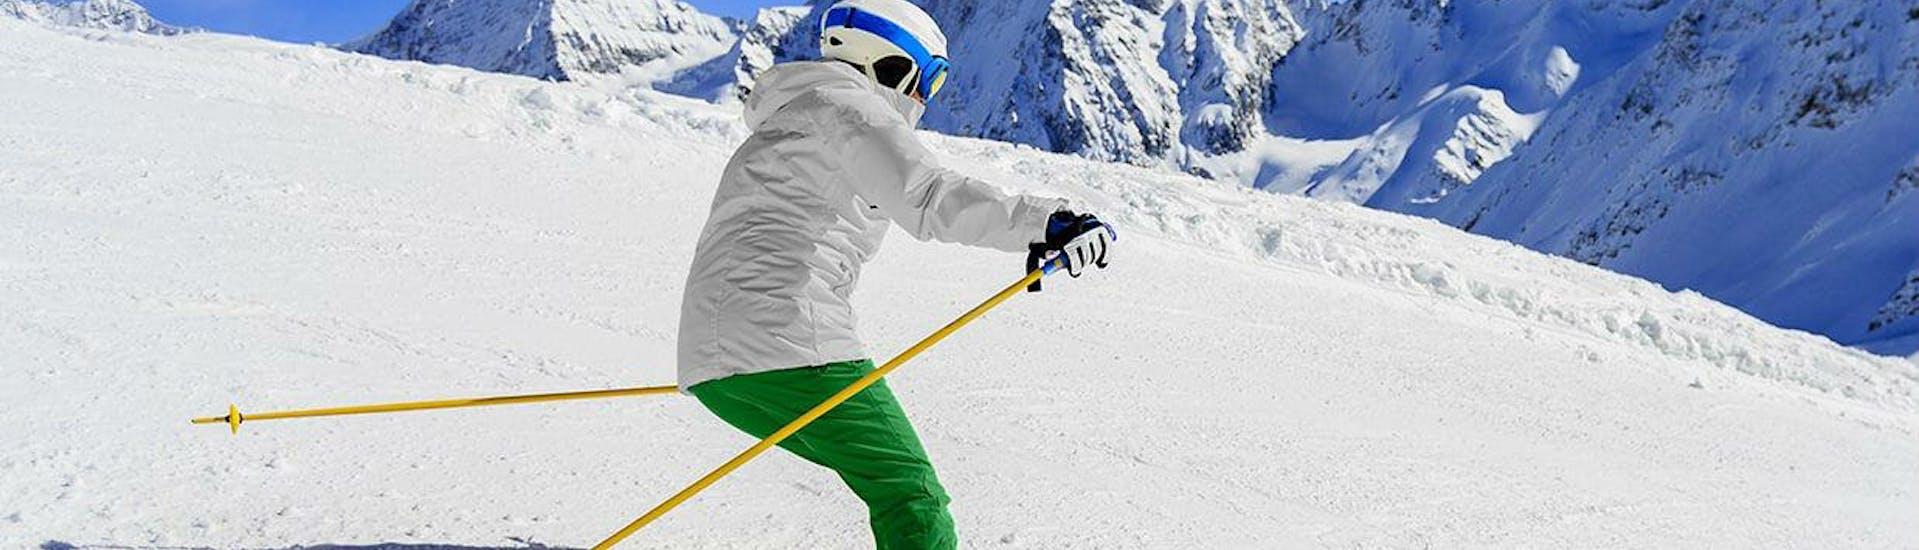 Un adulte prend un Cours particulier de ski Adultes - Basse saison - Arc 1950 avec Evolution 2 Spirit - Arc 1950 & Villaroger.